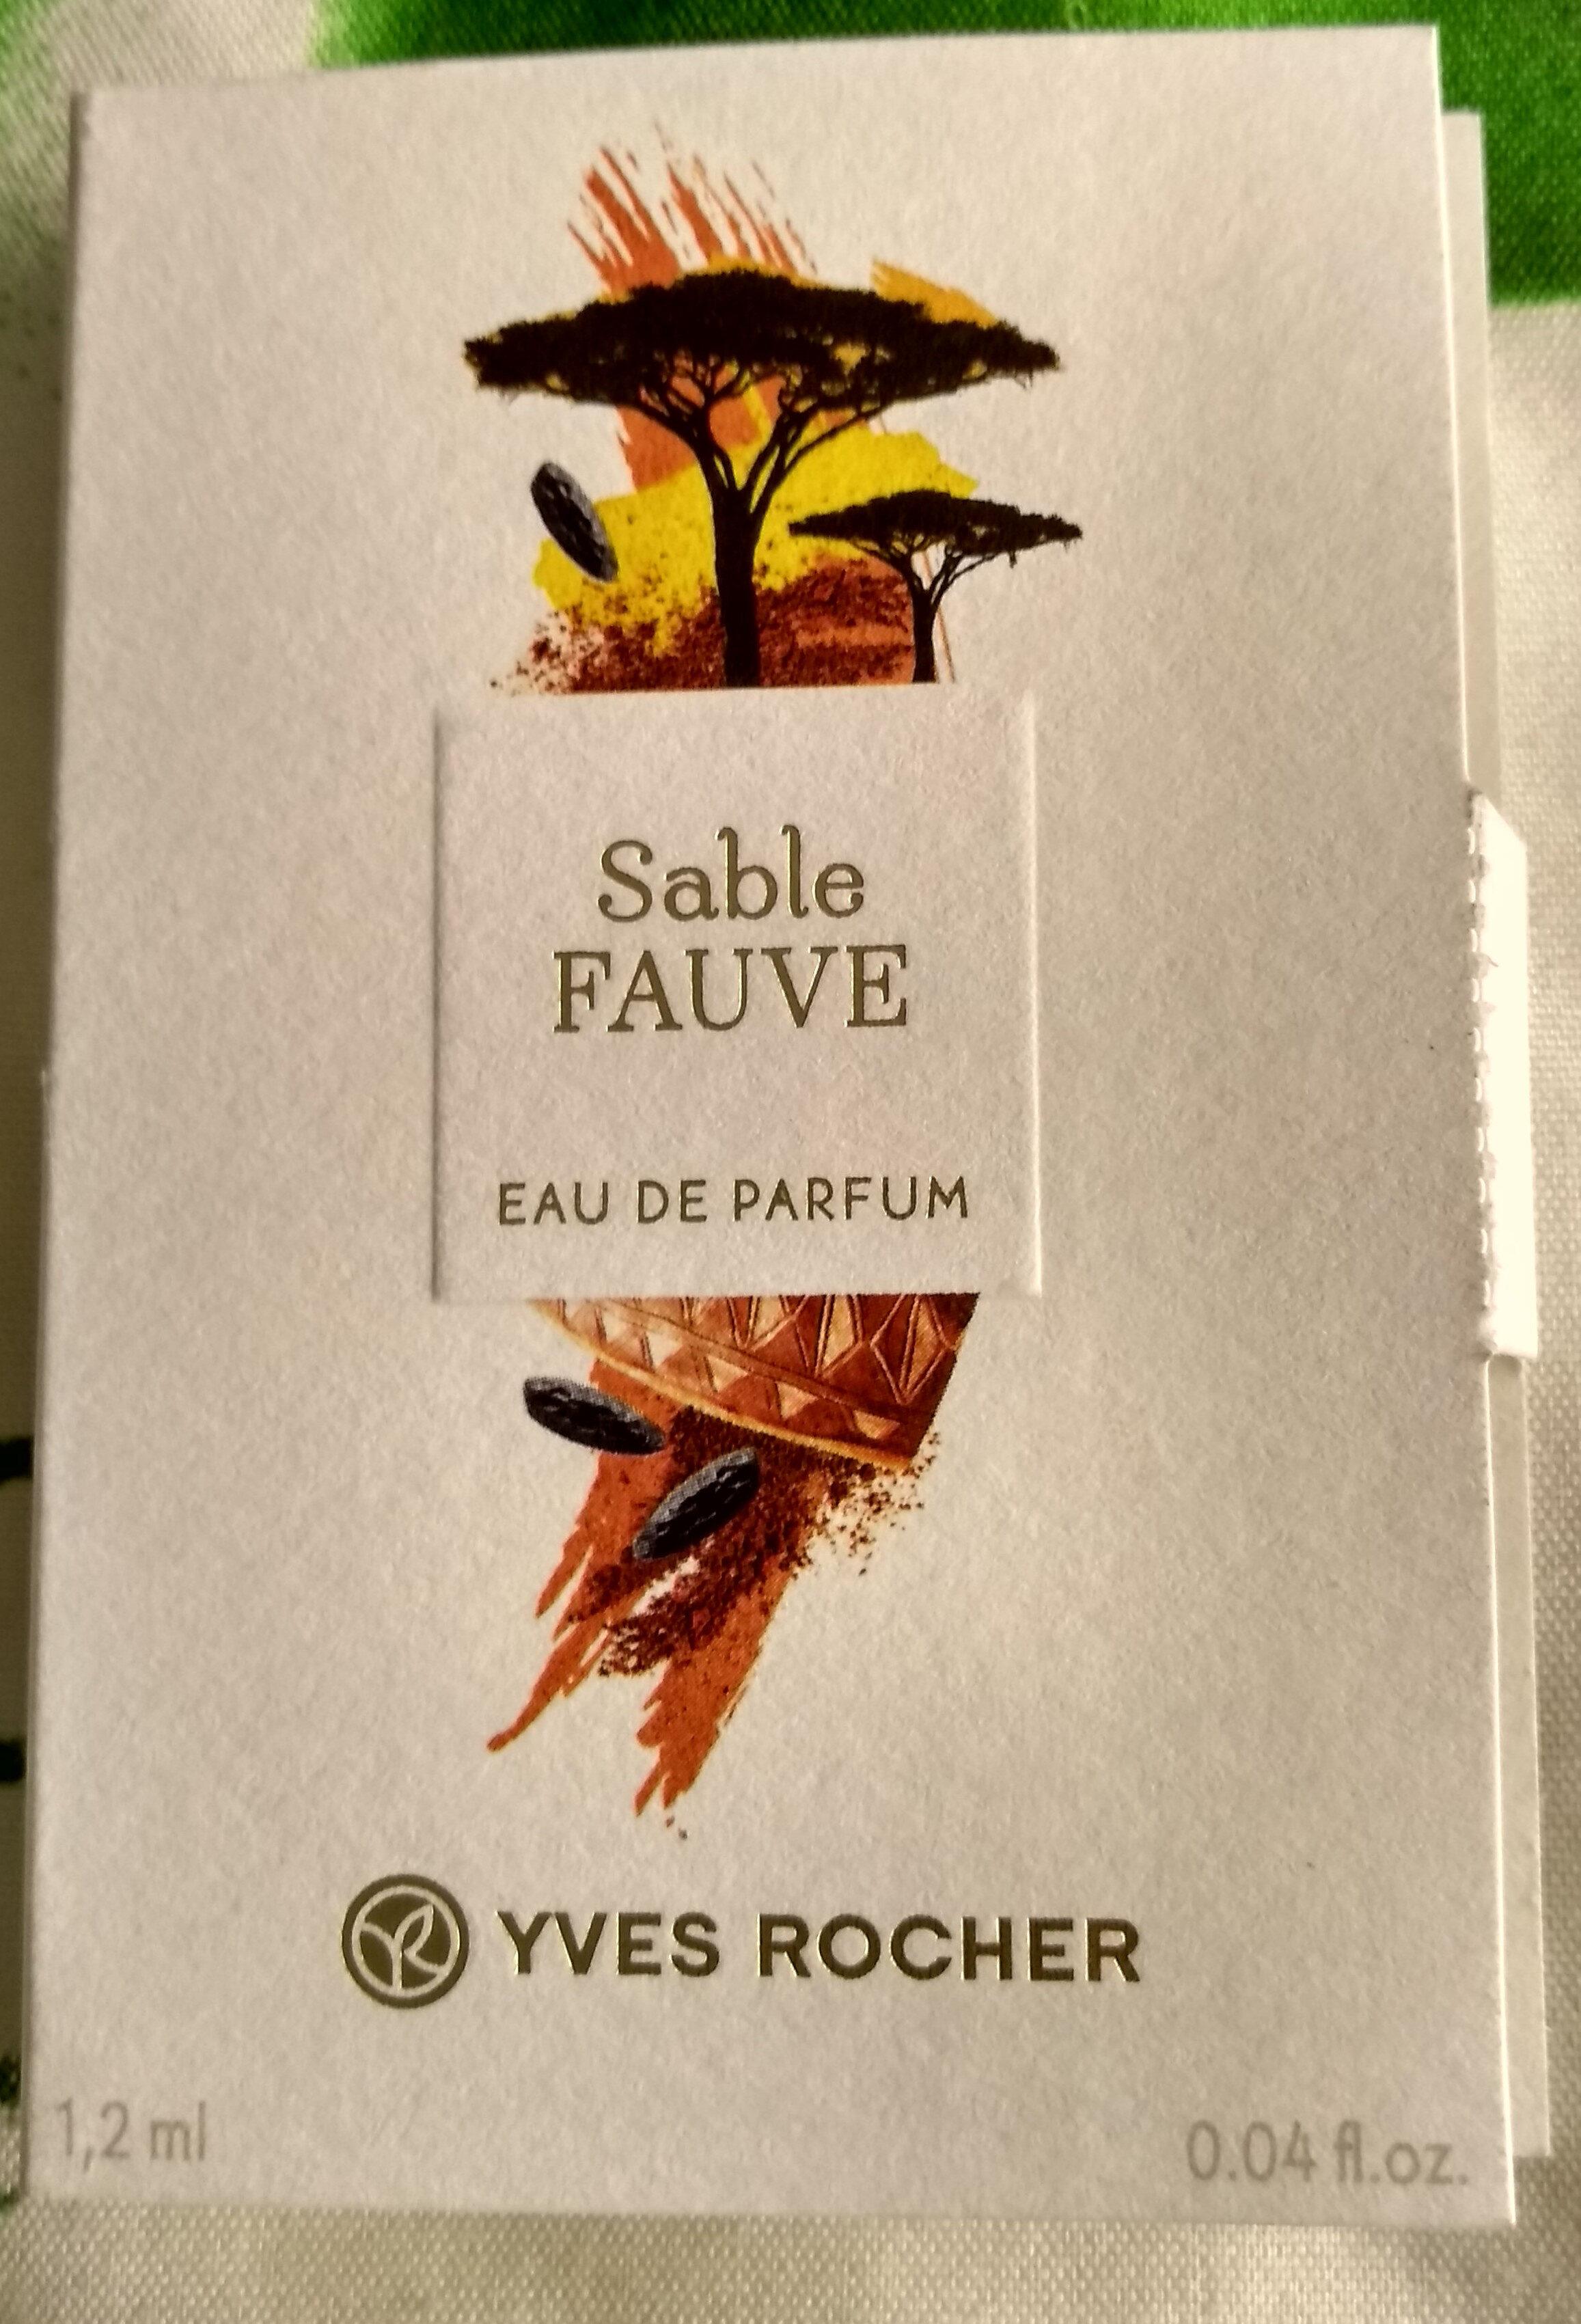 Sable Fauve - Product - fr